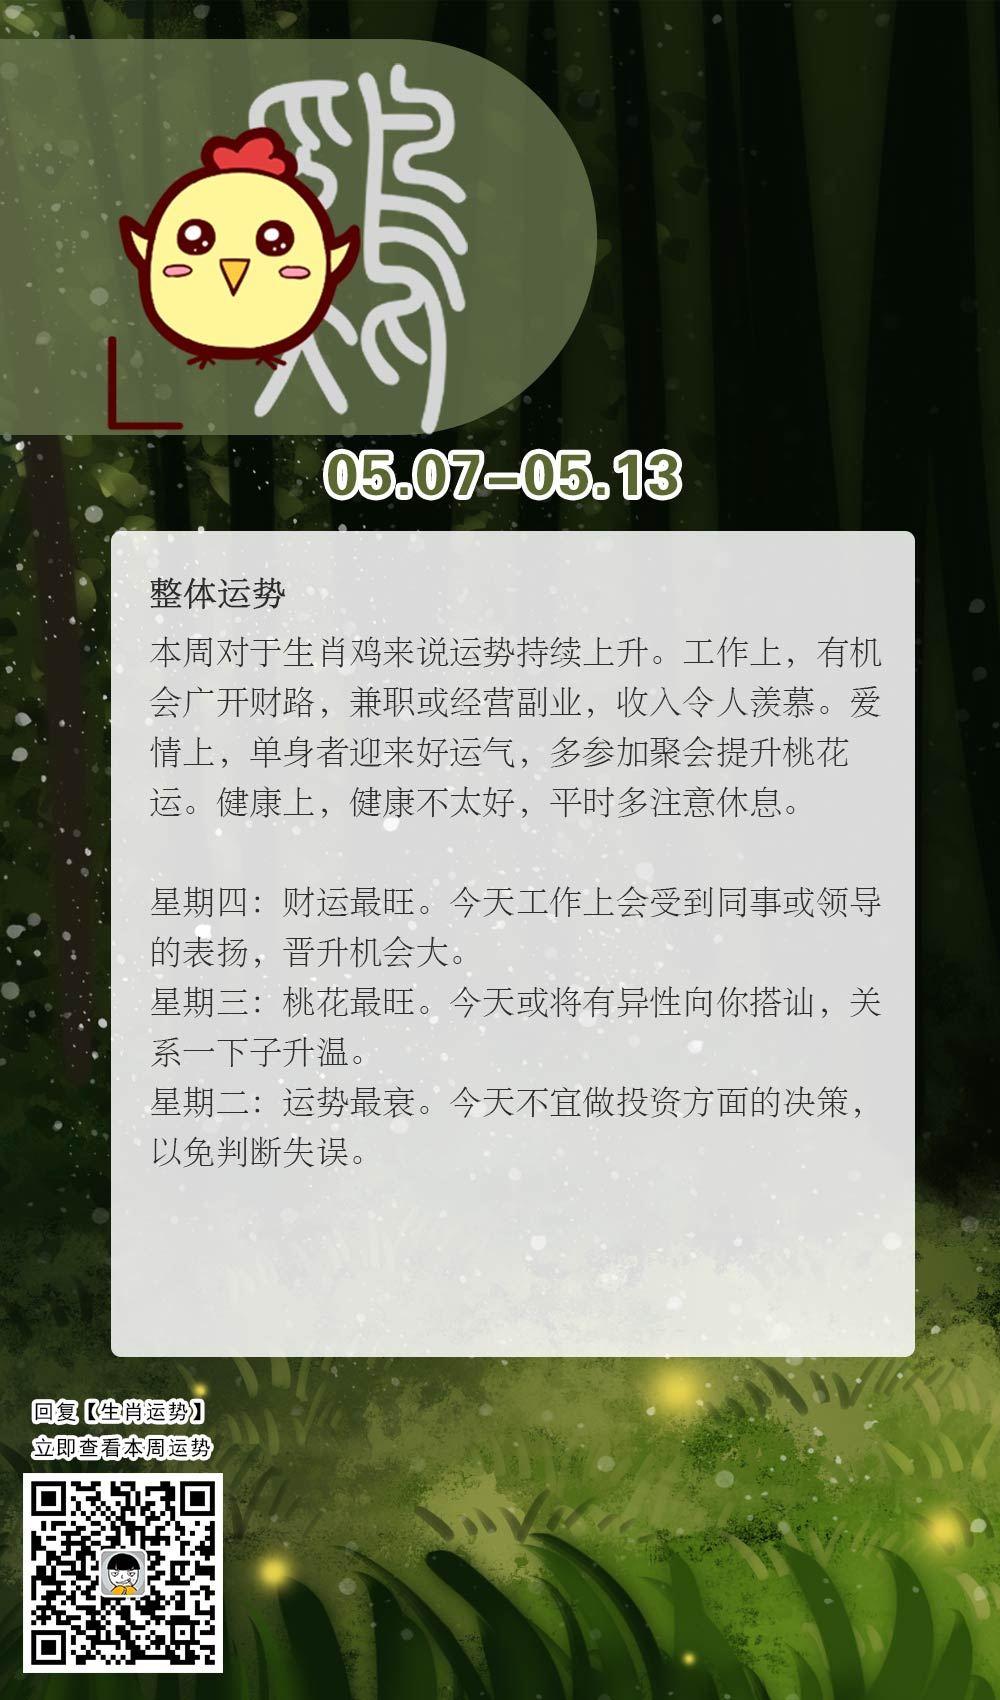 生肖鸡本周运势【2018.05.07-05.13】